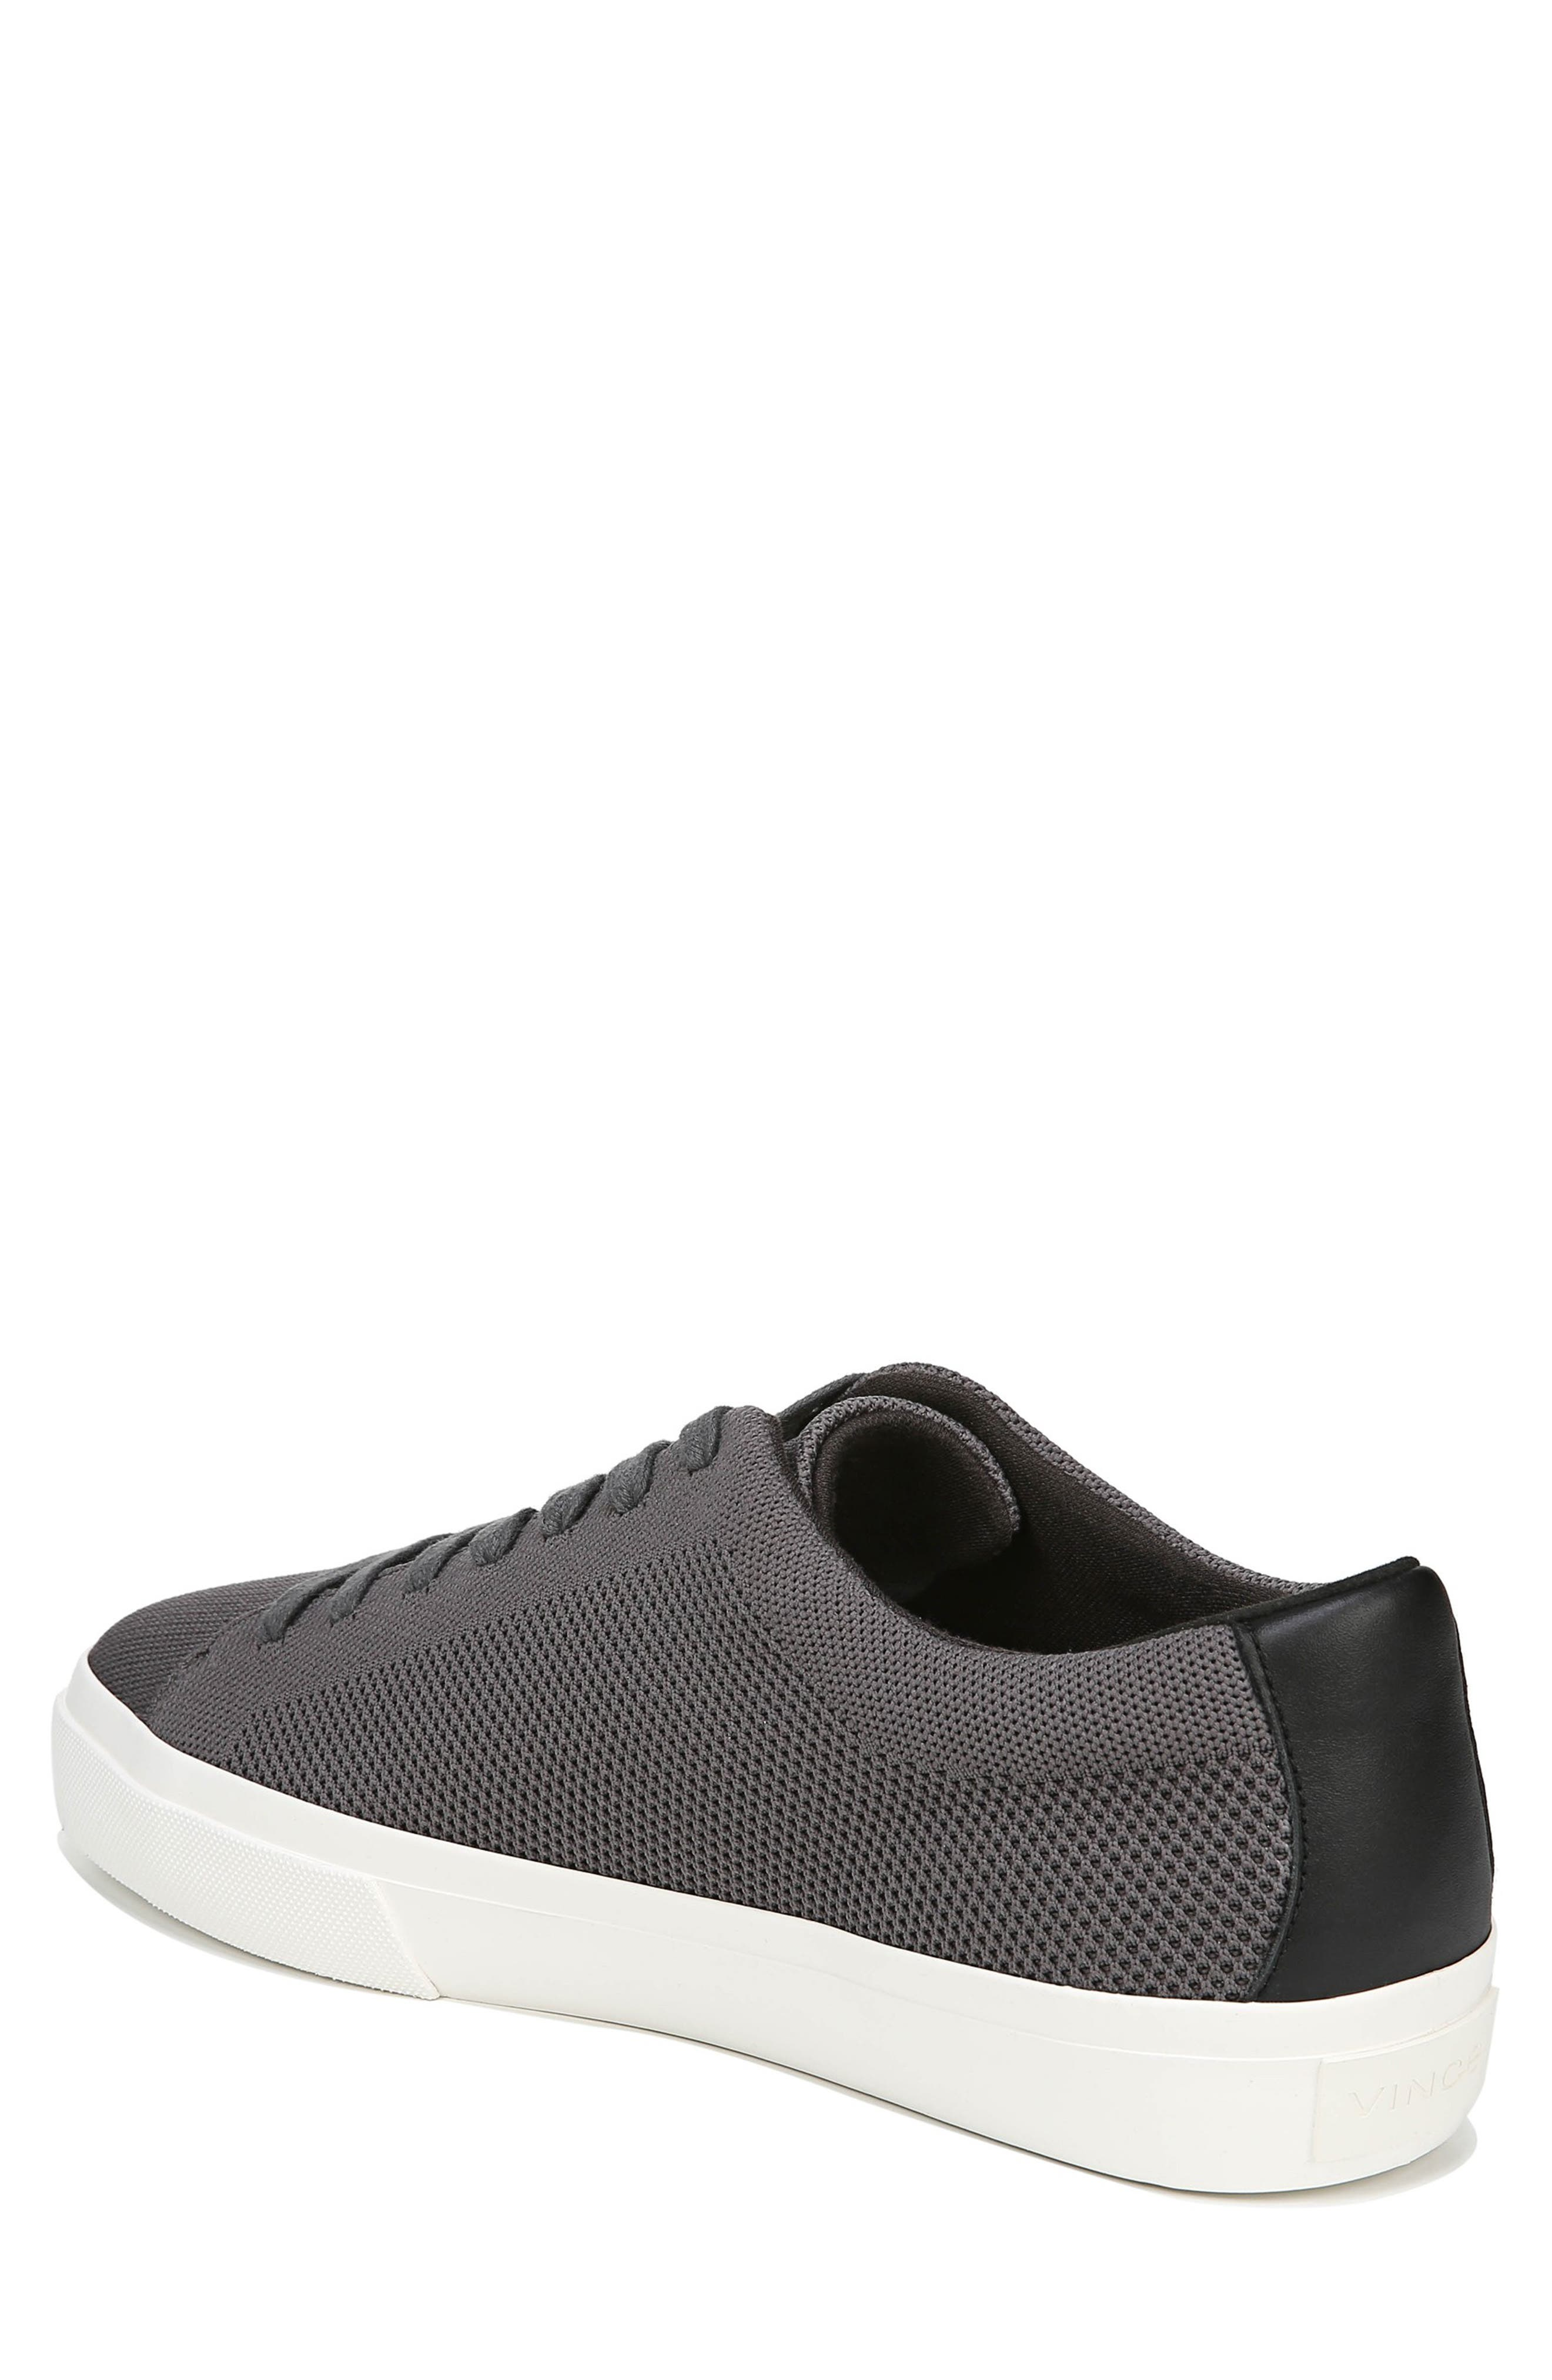 VINCE, Farrell Sneaker, Alternate thumbnail 2, color, GRAPHITE/ BLACK